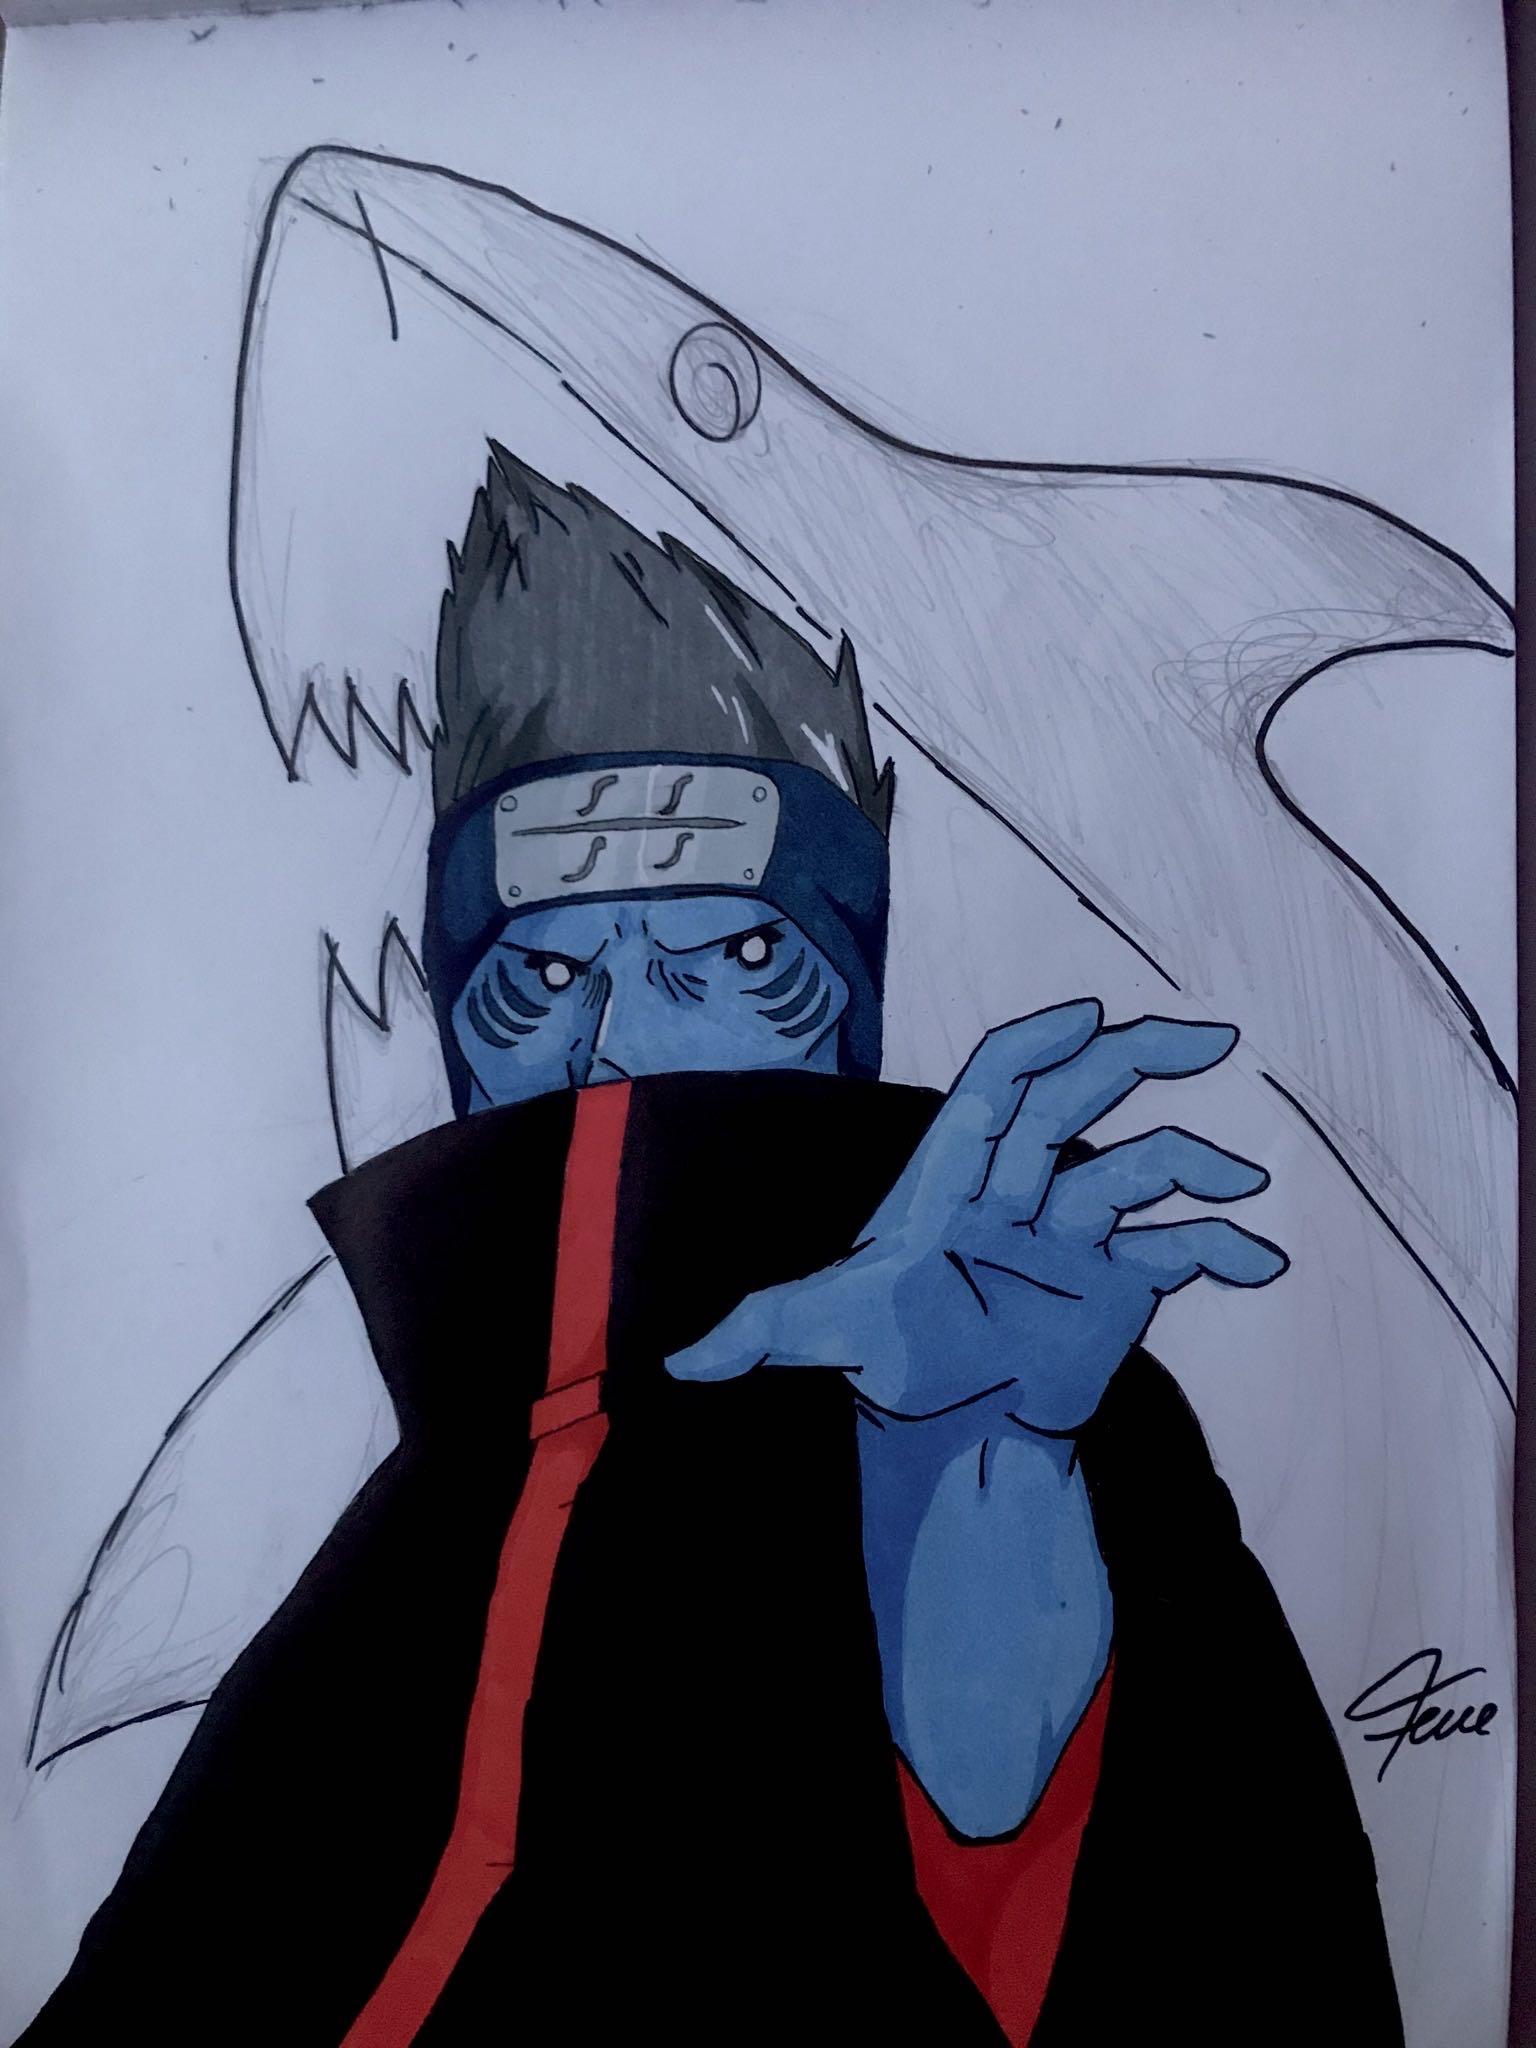 Naruto Kisame Hoshigaki By Madibinks8 On Deviantart